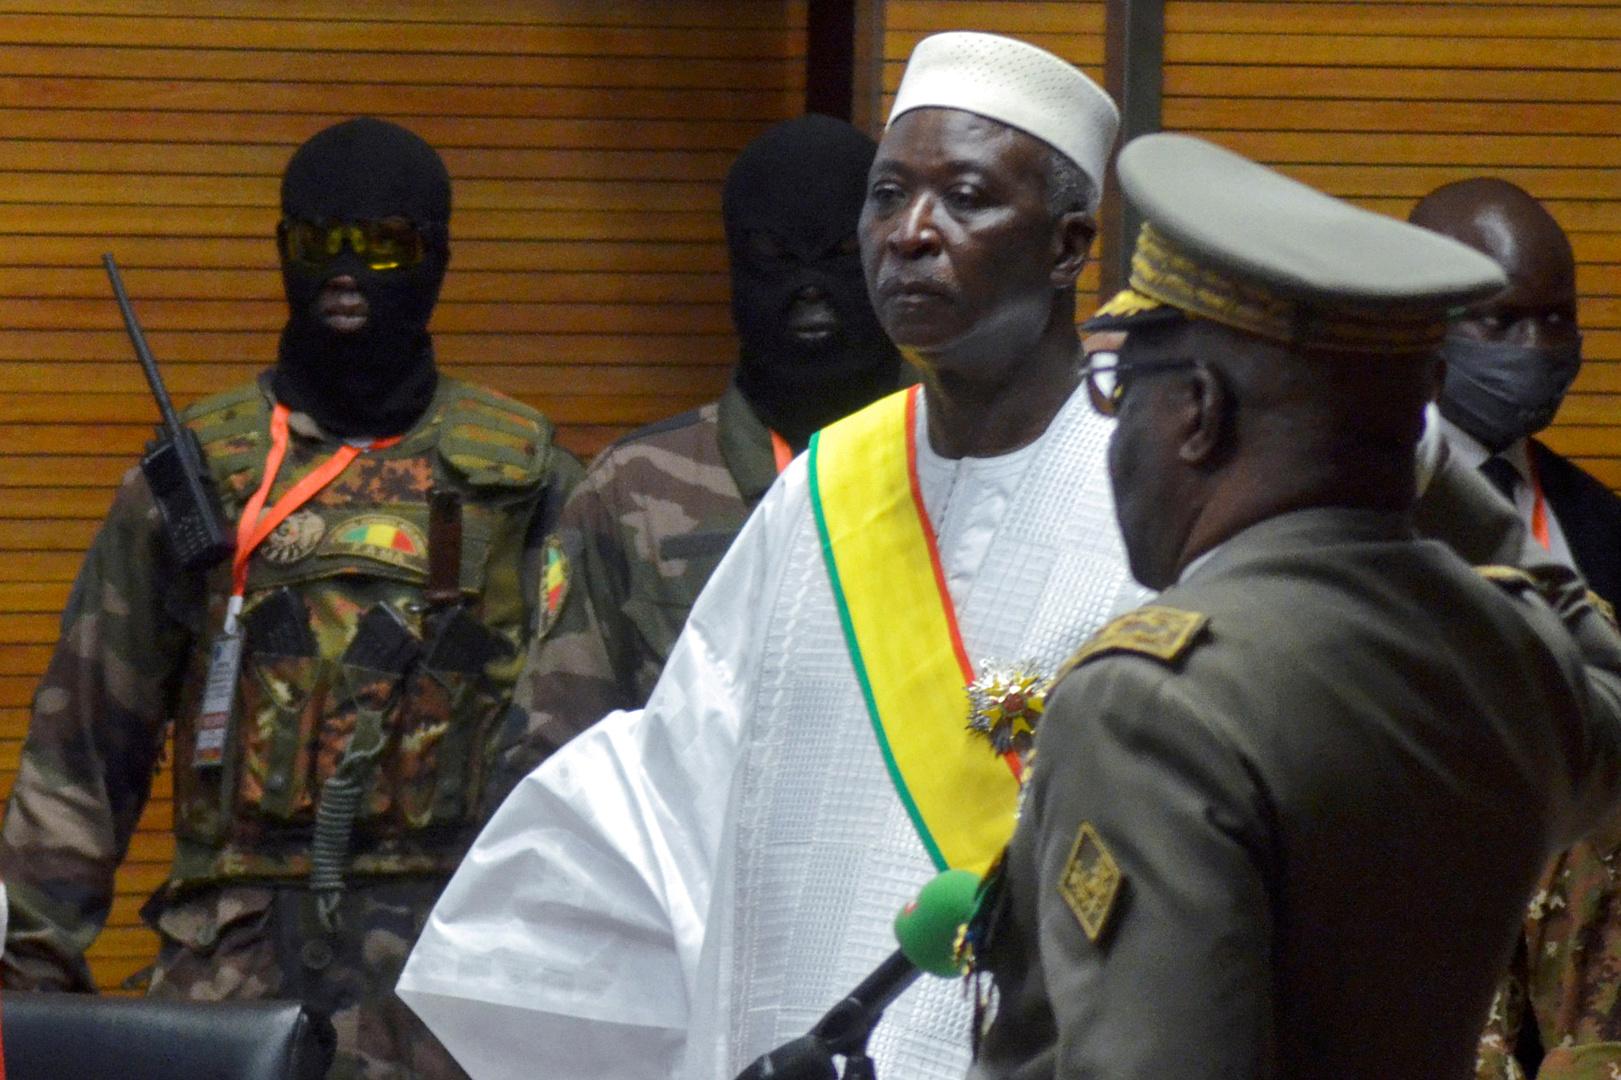 عملية الإفراج عن الرهينة الفرنسية صوفي بيترونان في مالي تأخذ مجراها